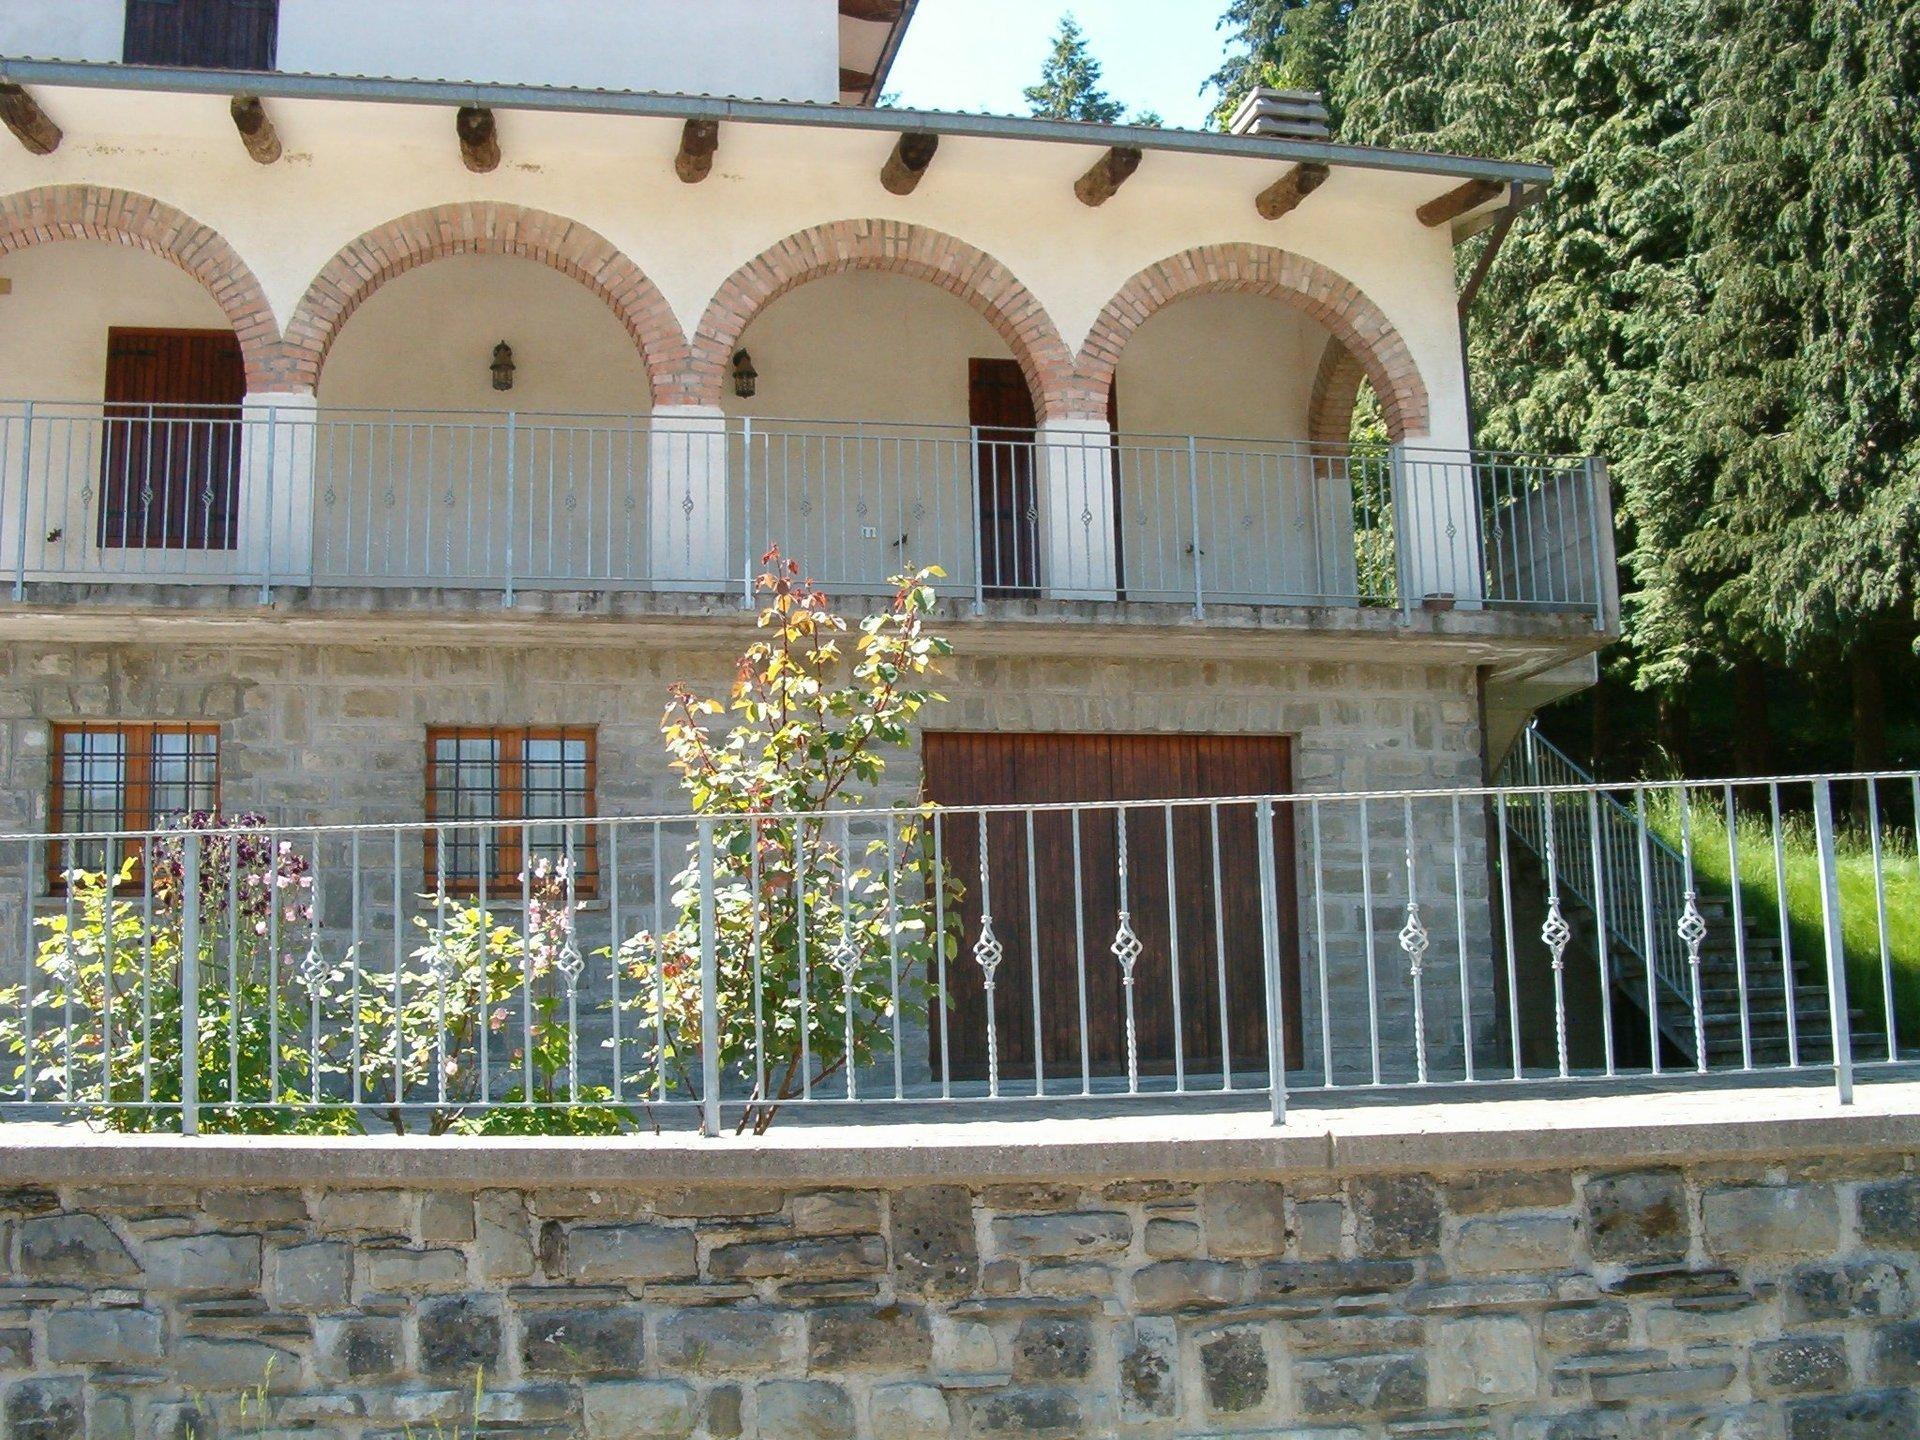 vista frontale di un edificio con ringhiera in balcone e esterni